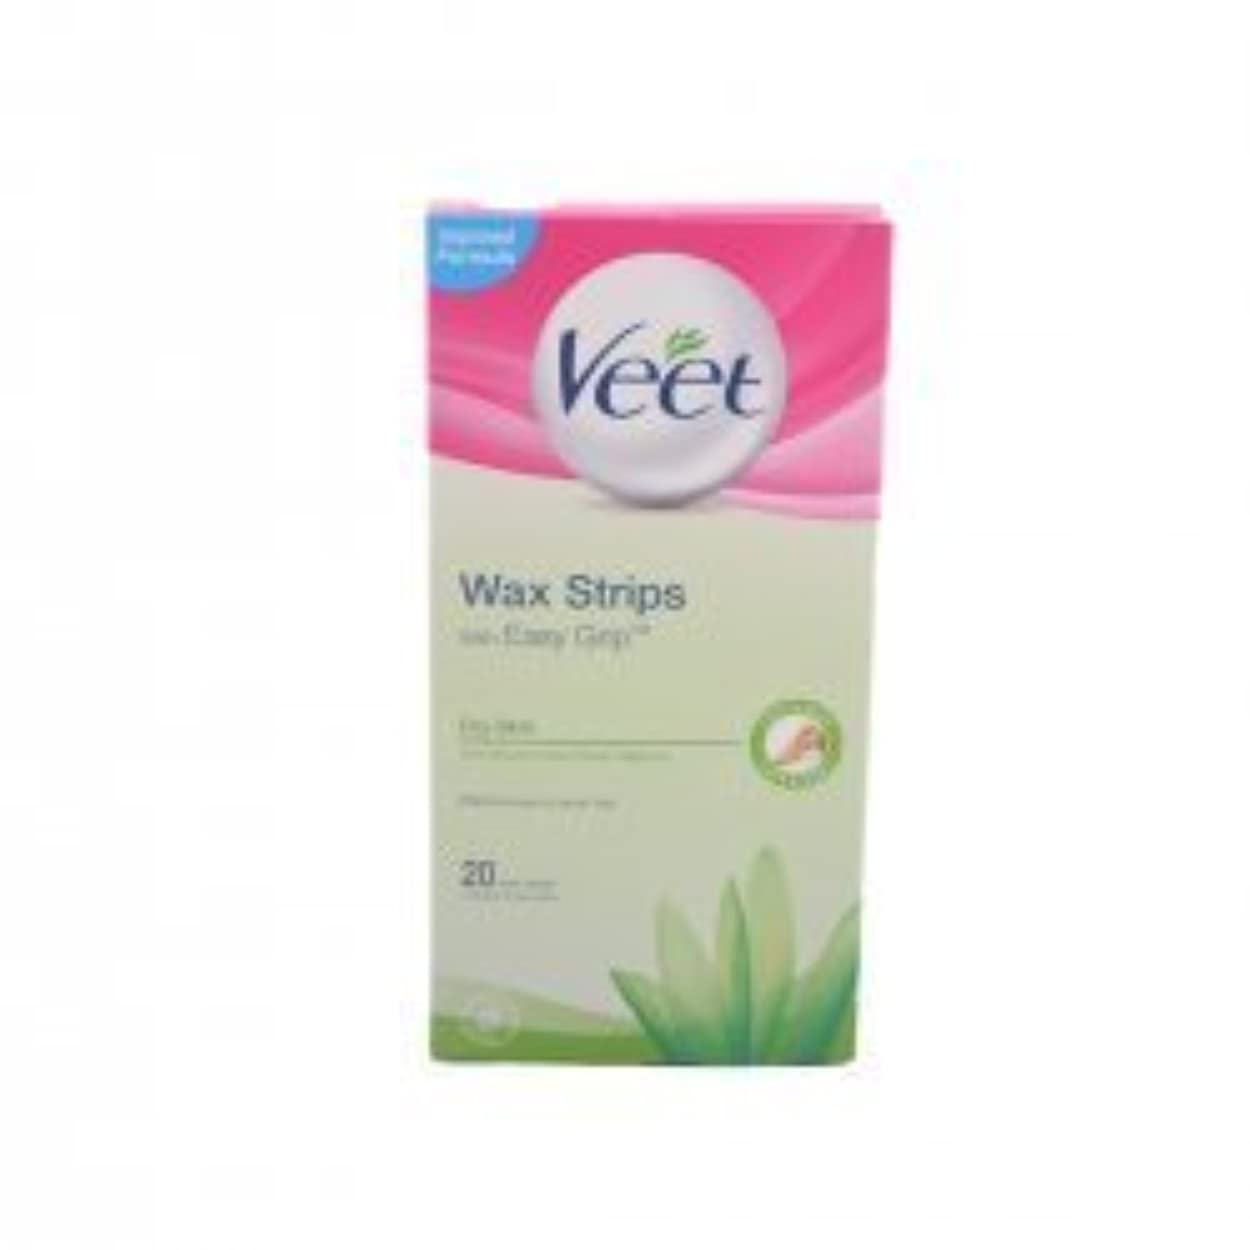 毎日更新するアグネスグレイVeet For Men Cold Wax Strips Hair removal strips by Veet [並行輸入品]